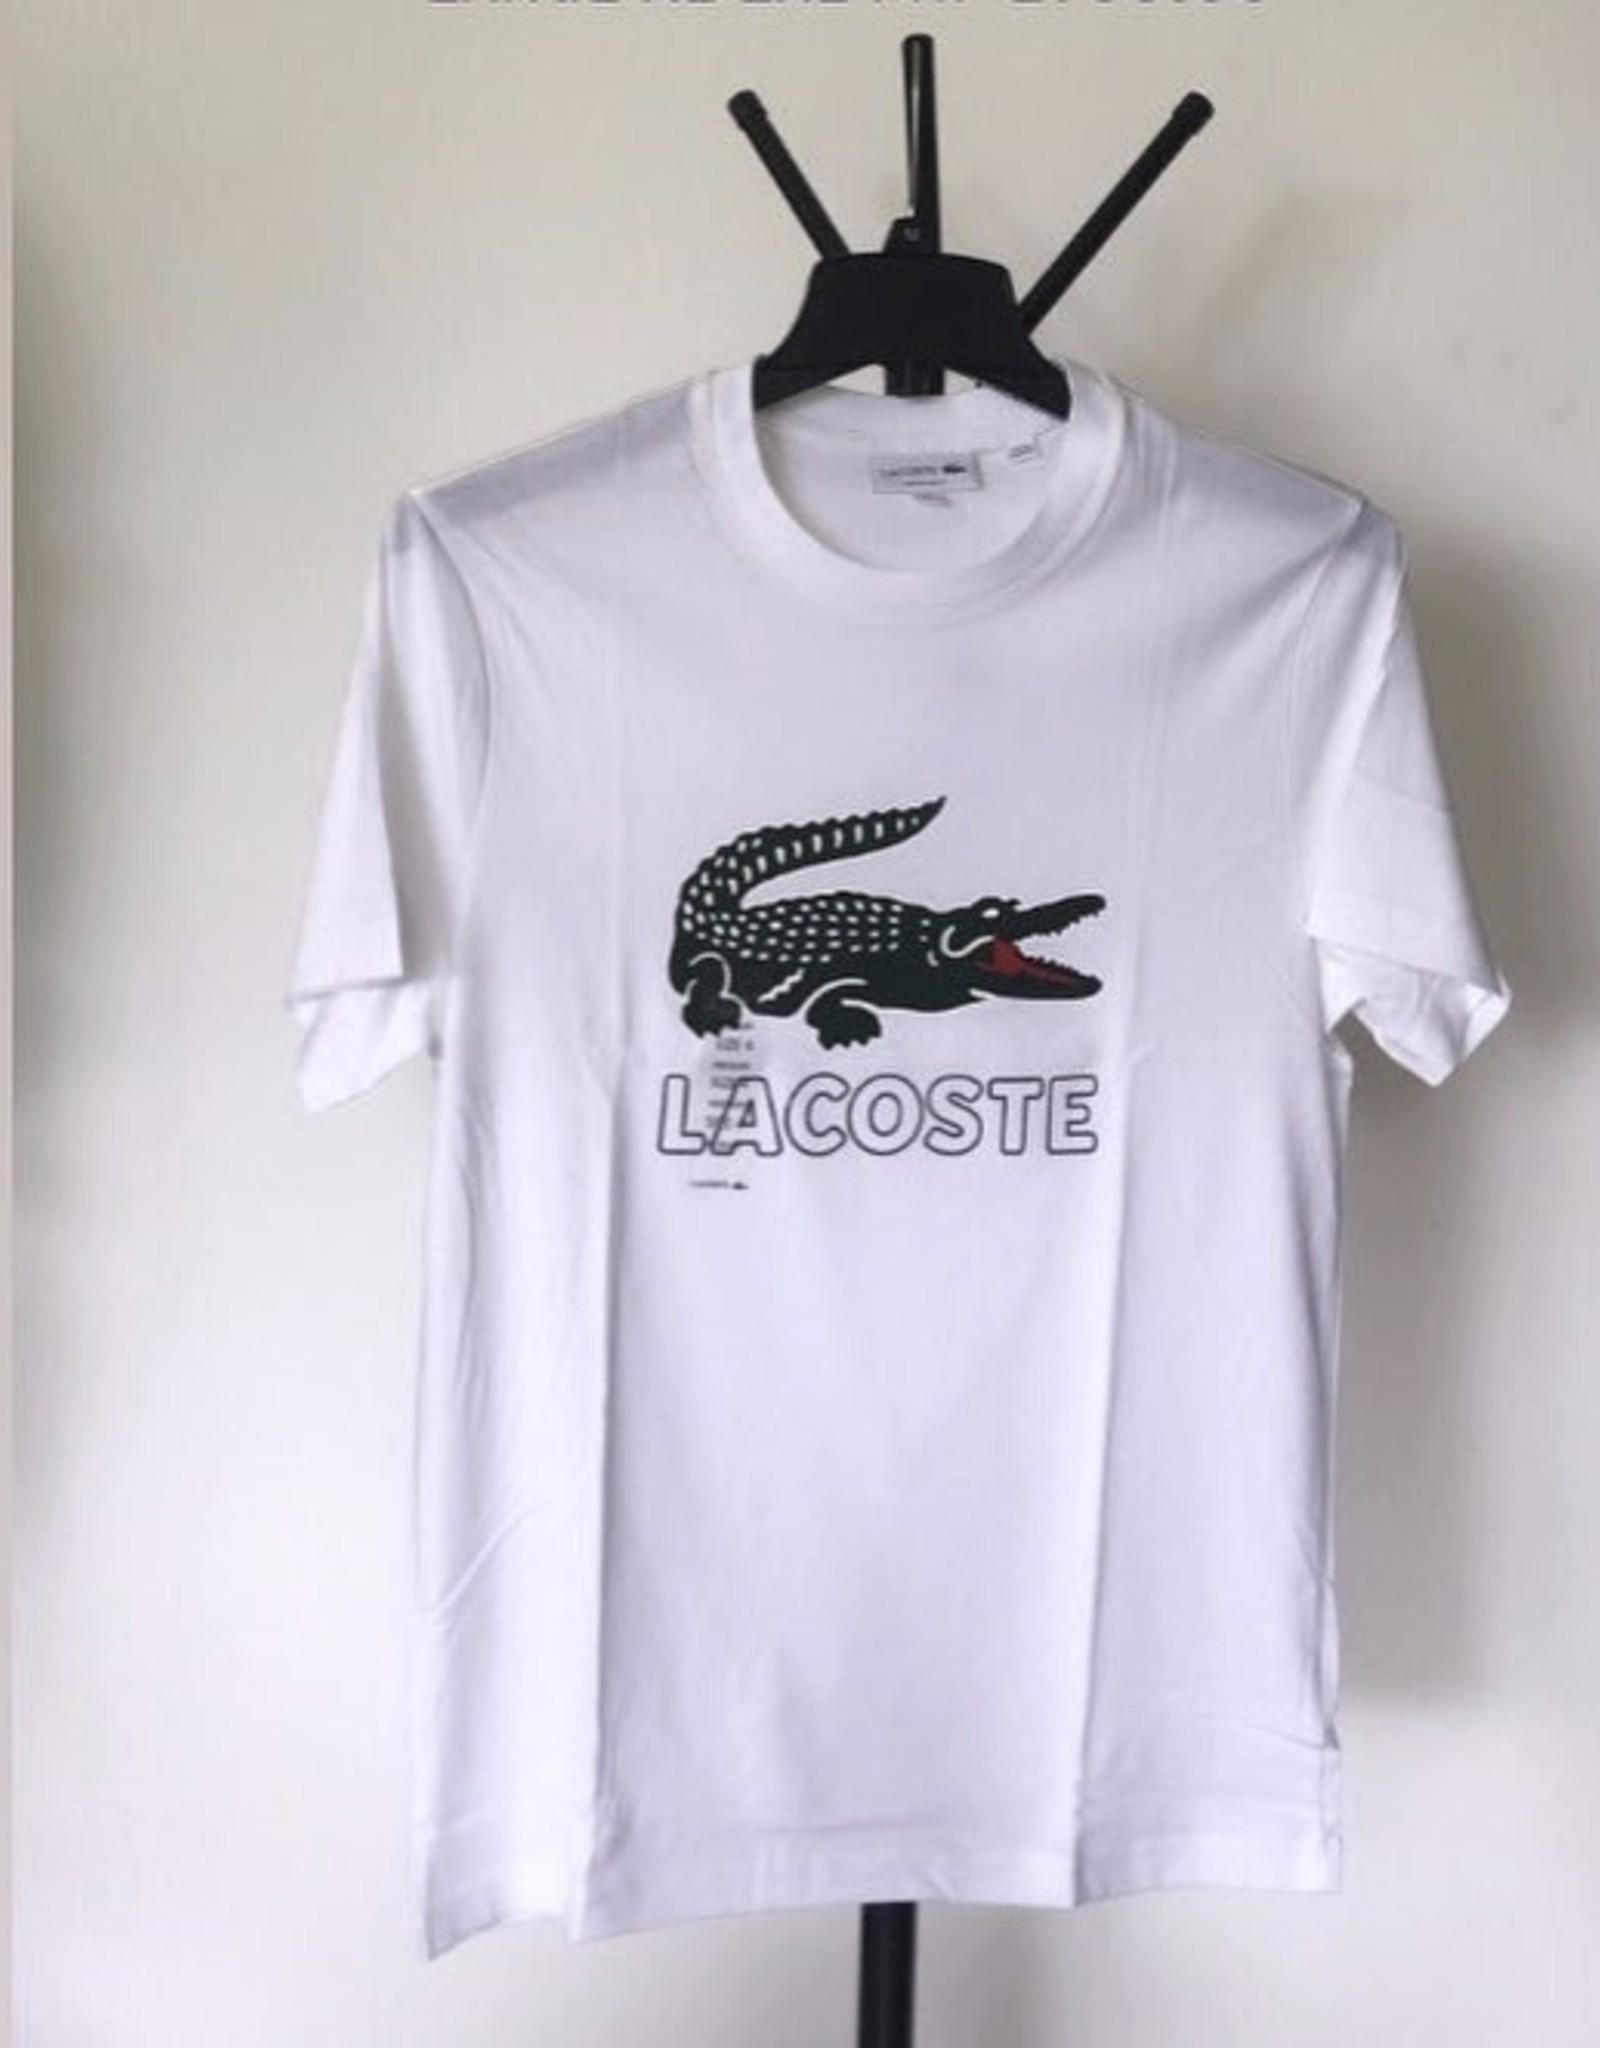 Lacoste Lacoste T-Shirt Regular Fit 100% Cotton